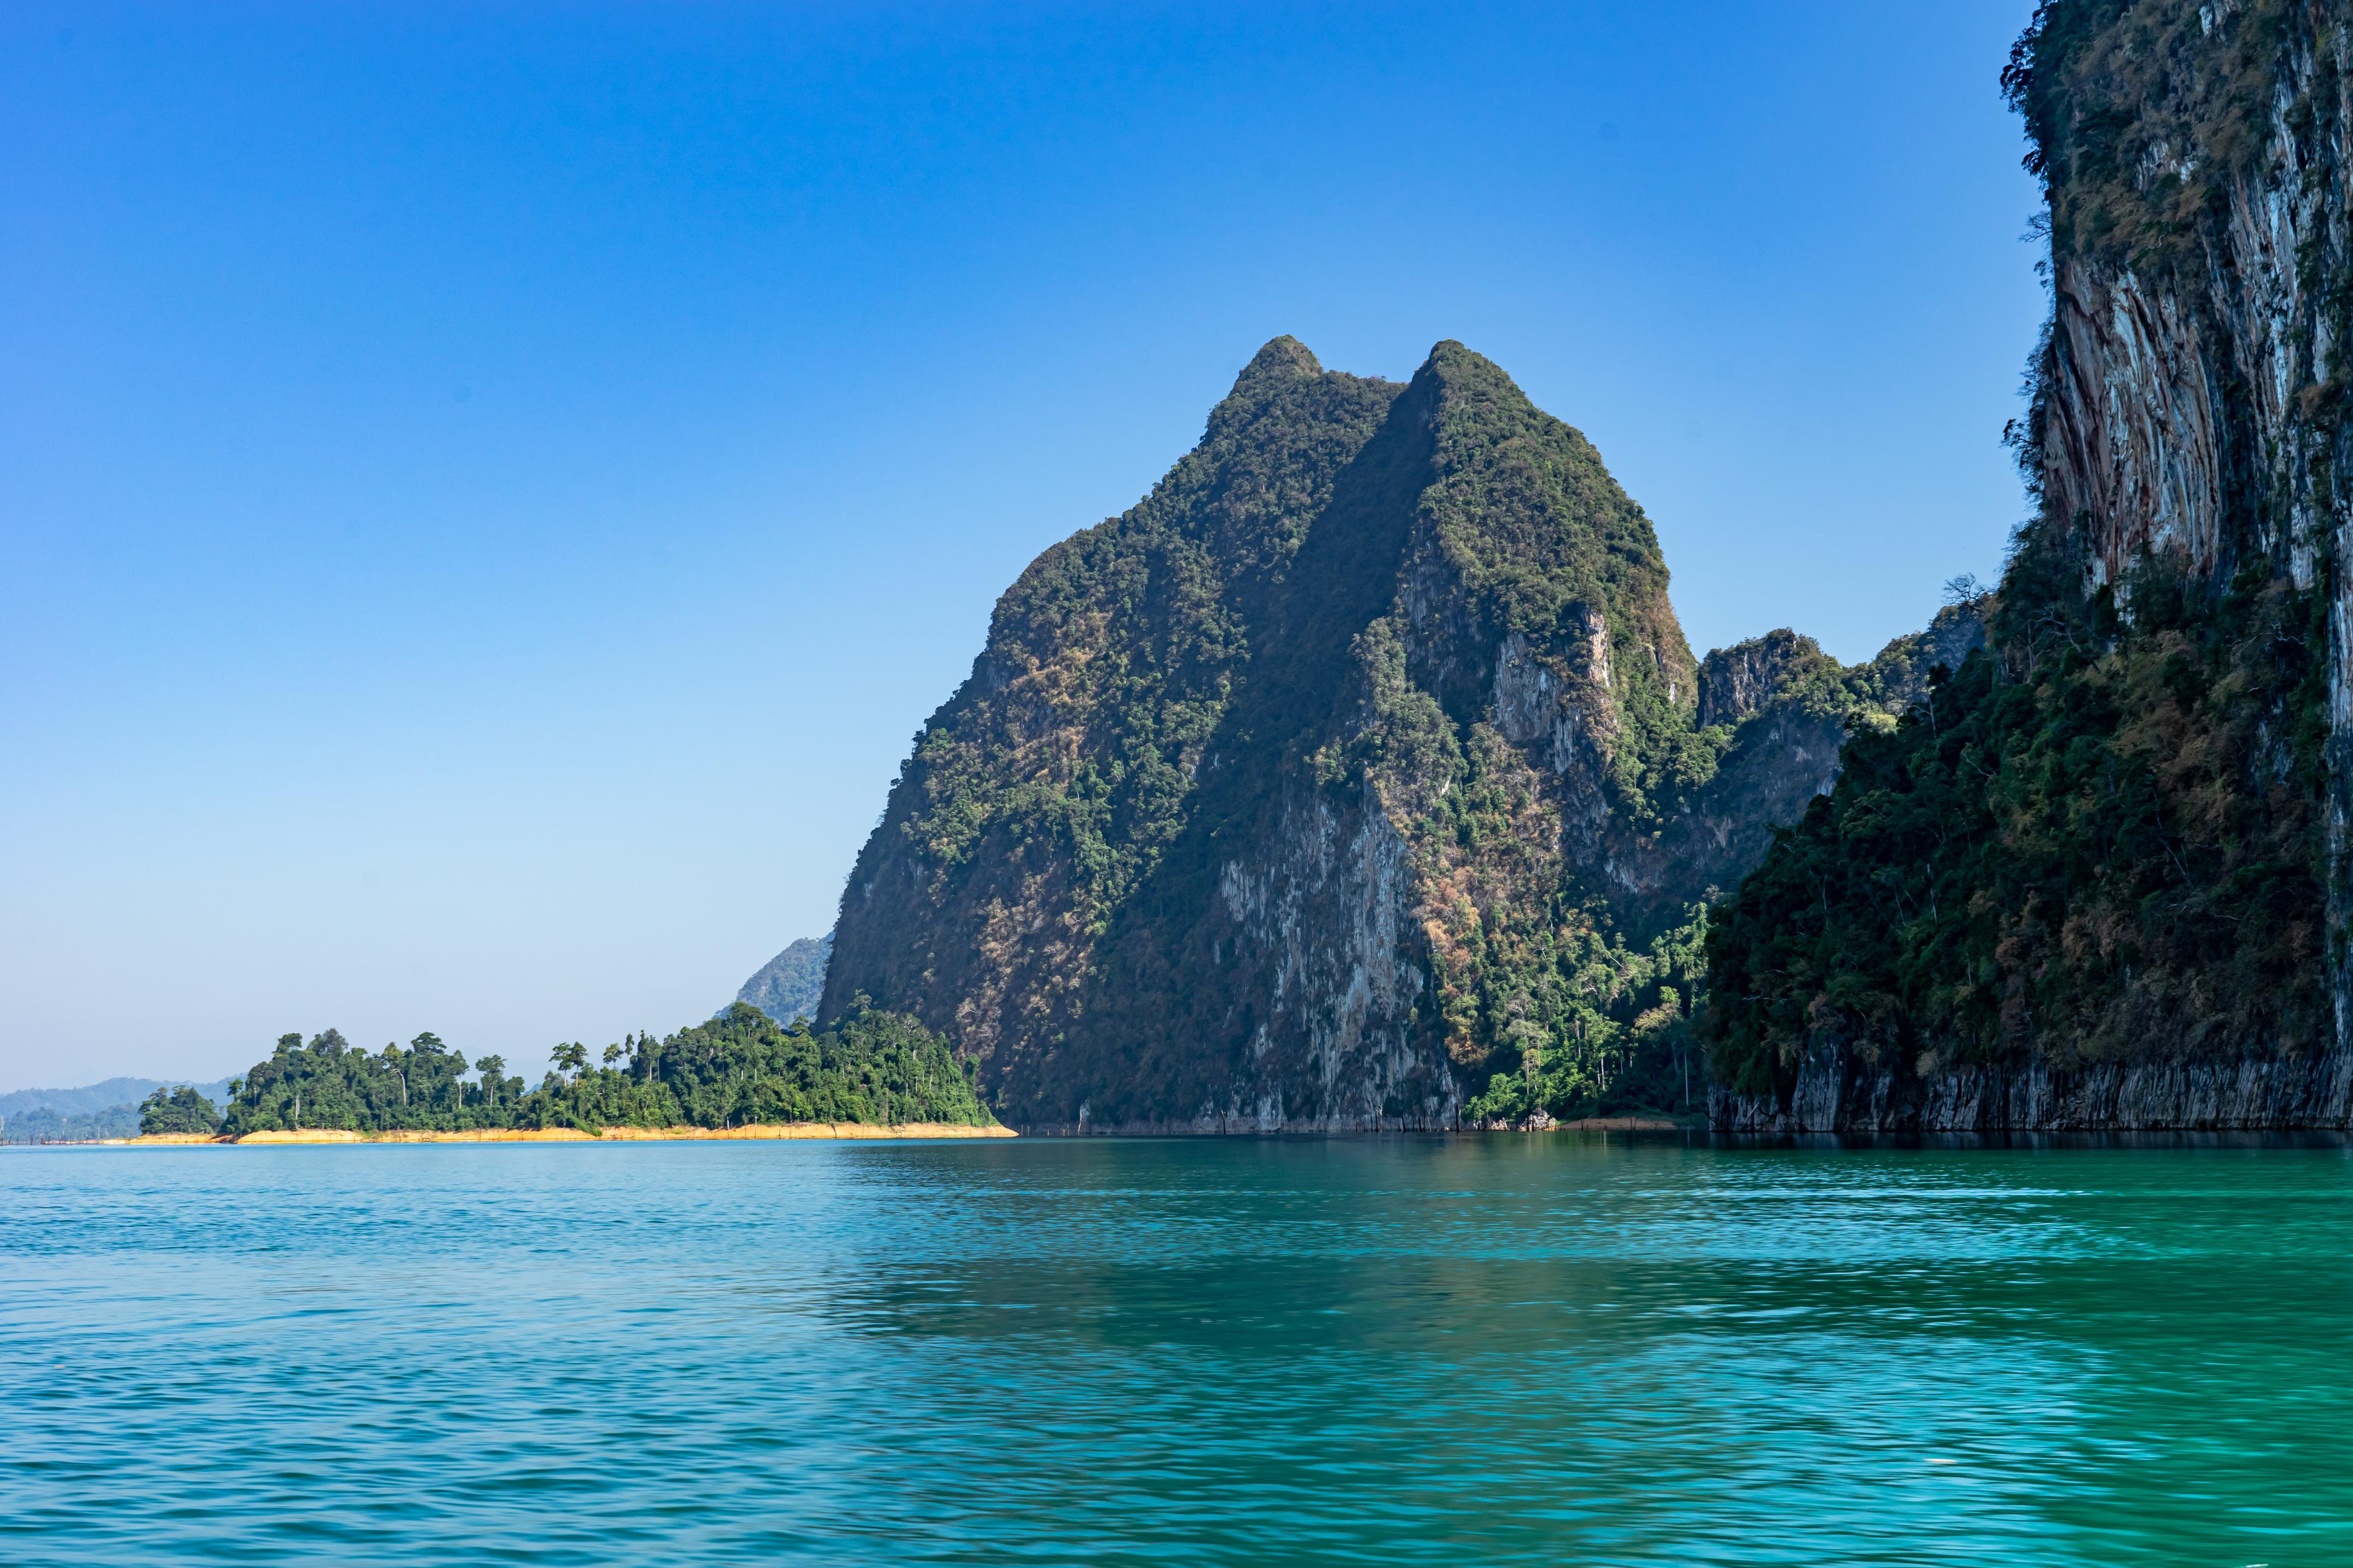 100393 Hintergrundbild 240x400 kostenlos auf deinem Handy, lade Bilder Natur, Wasser, Sea, Felsen, Rock, Ufer, Bank, Die Insel, Insel 240x400 auf dein Handy herunter